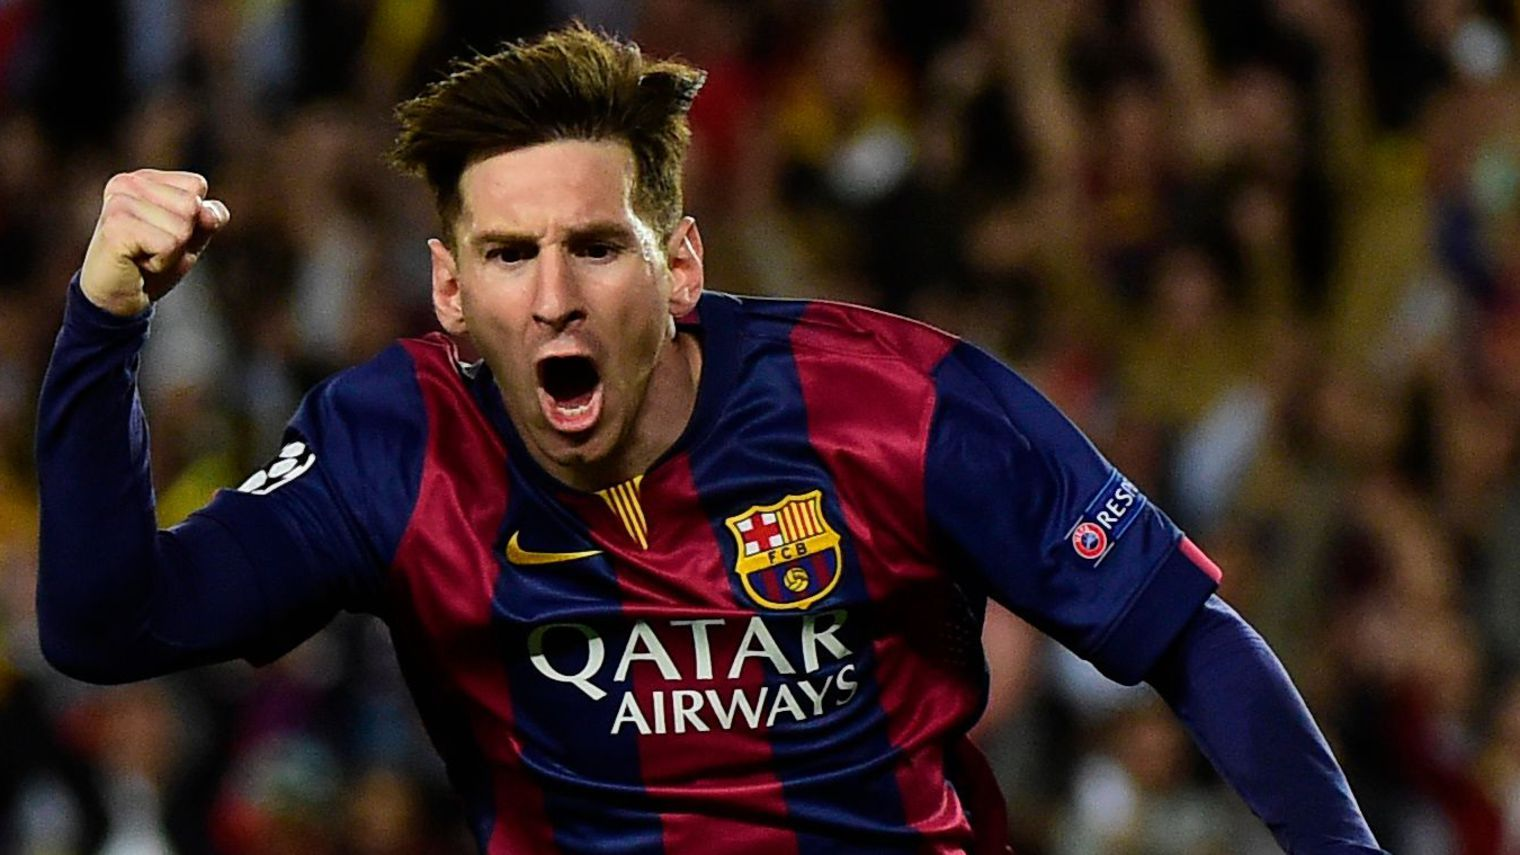 Top 10 Des Joueurs De Foot Les Mieux Payés De L'année #football #foot #messi